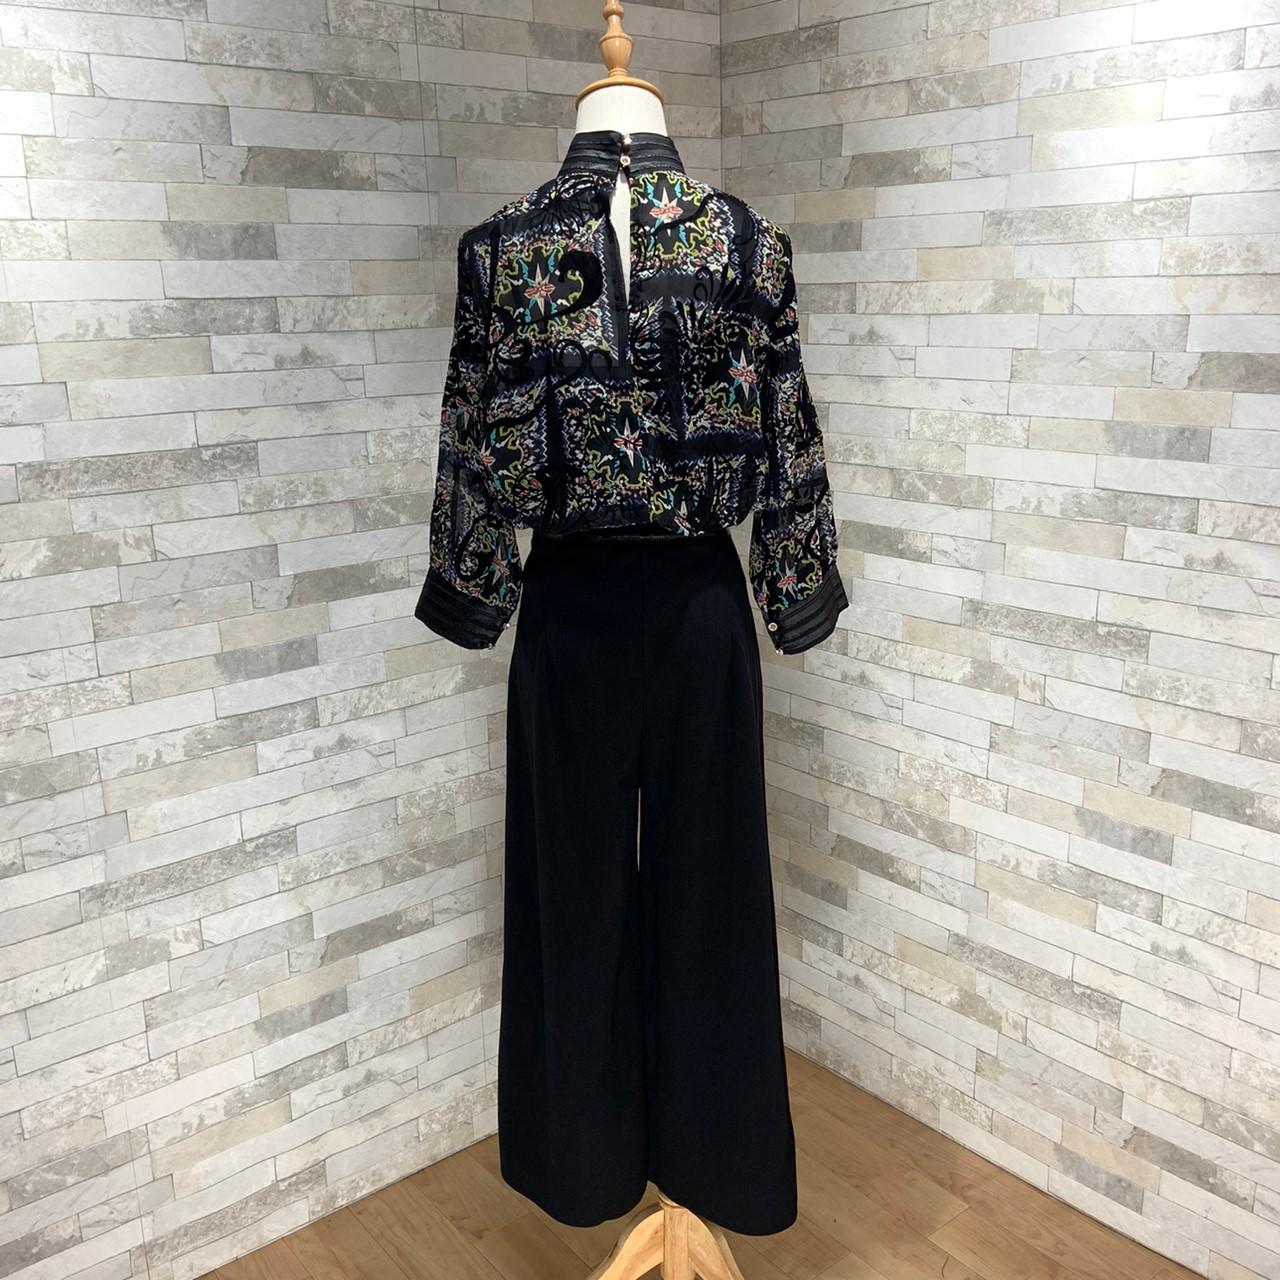 【即納】韓国 ファッション パンツ セットアップ パーティードレス 結婚式 お呼ばれドレス 秋 夏 春 パーティー ブライダル SPTX7230  エレガント シースルー ロ 二次会 セレブ きれいめの写真19枚目